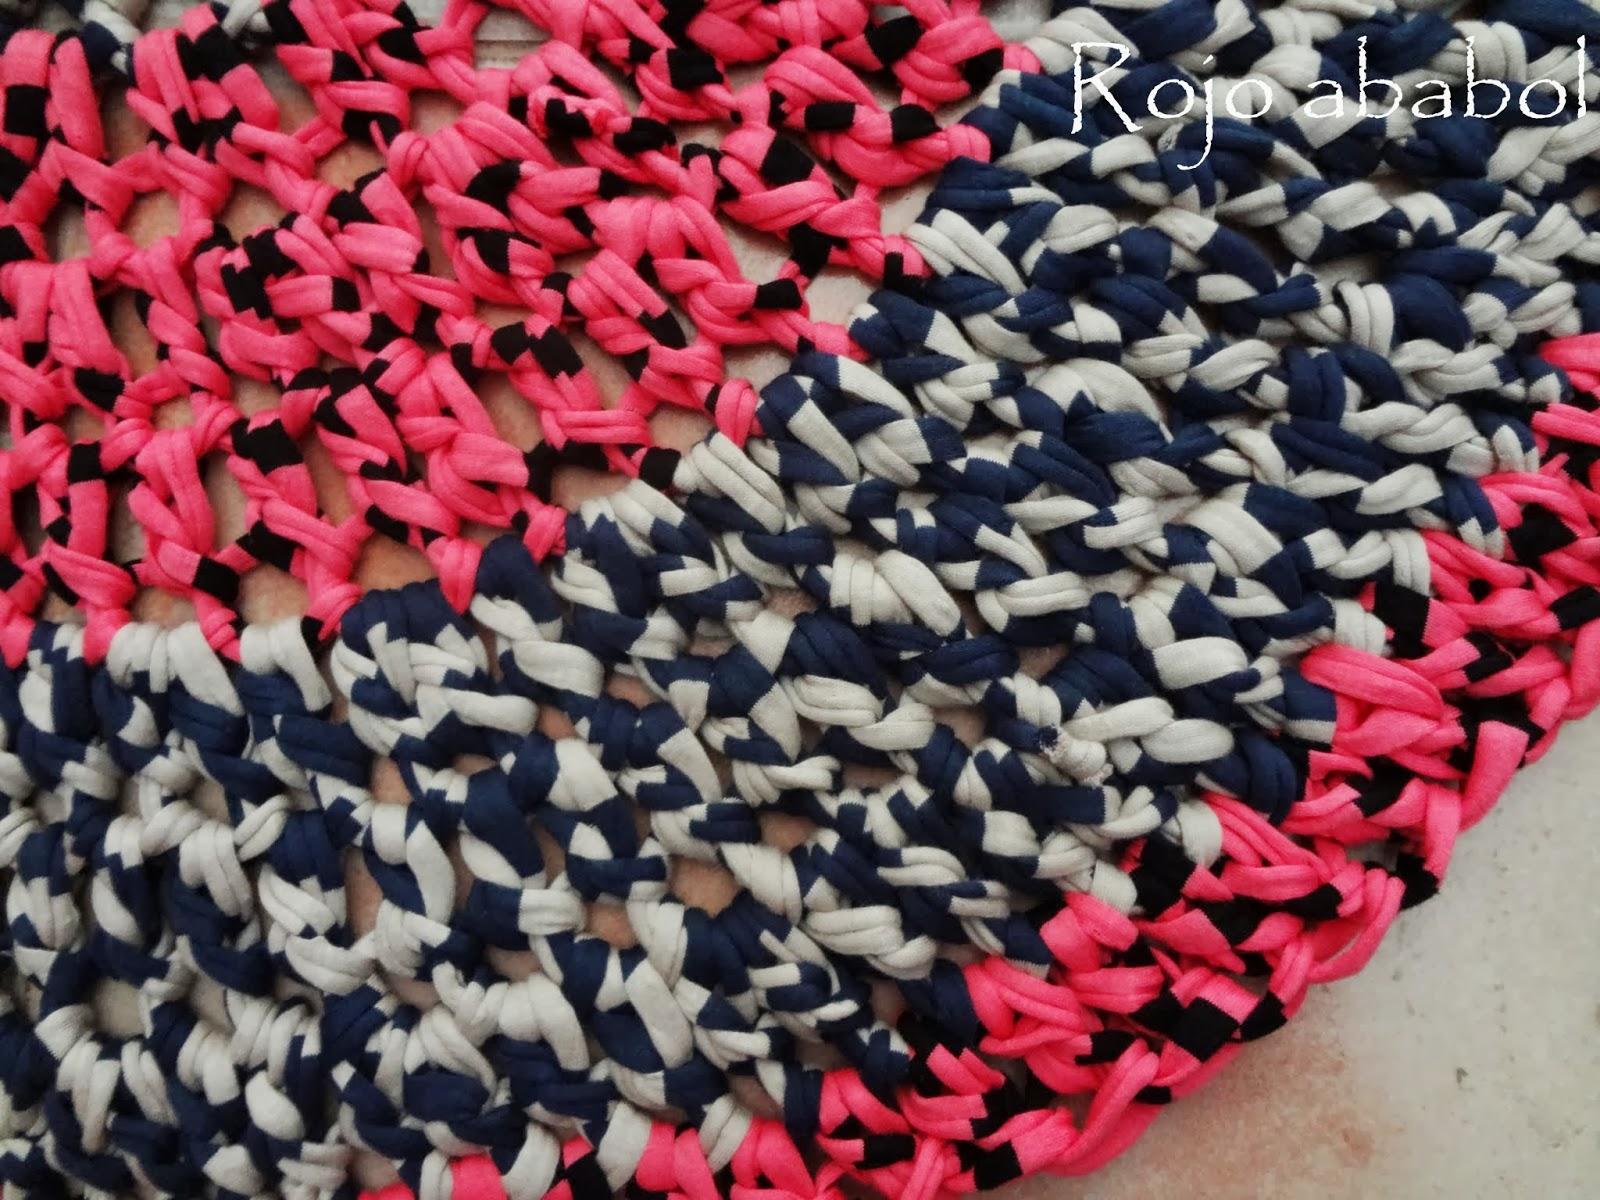 Rojo ababol alfombra de trapillo - Alfombras de trapillo ...